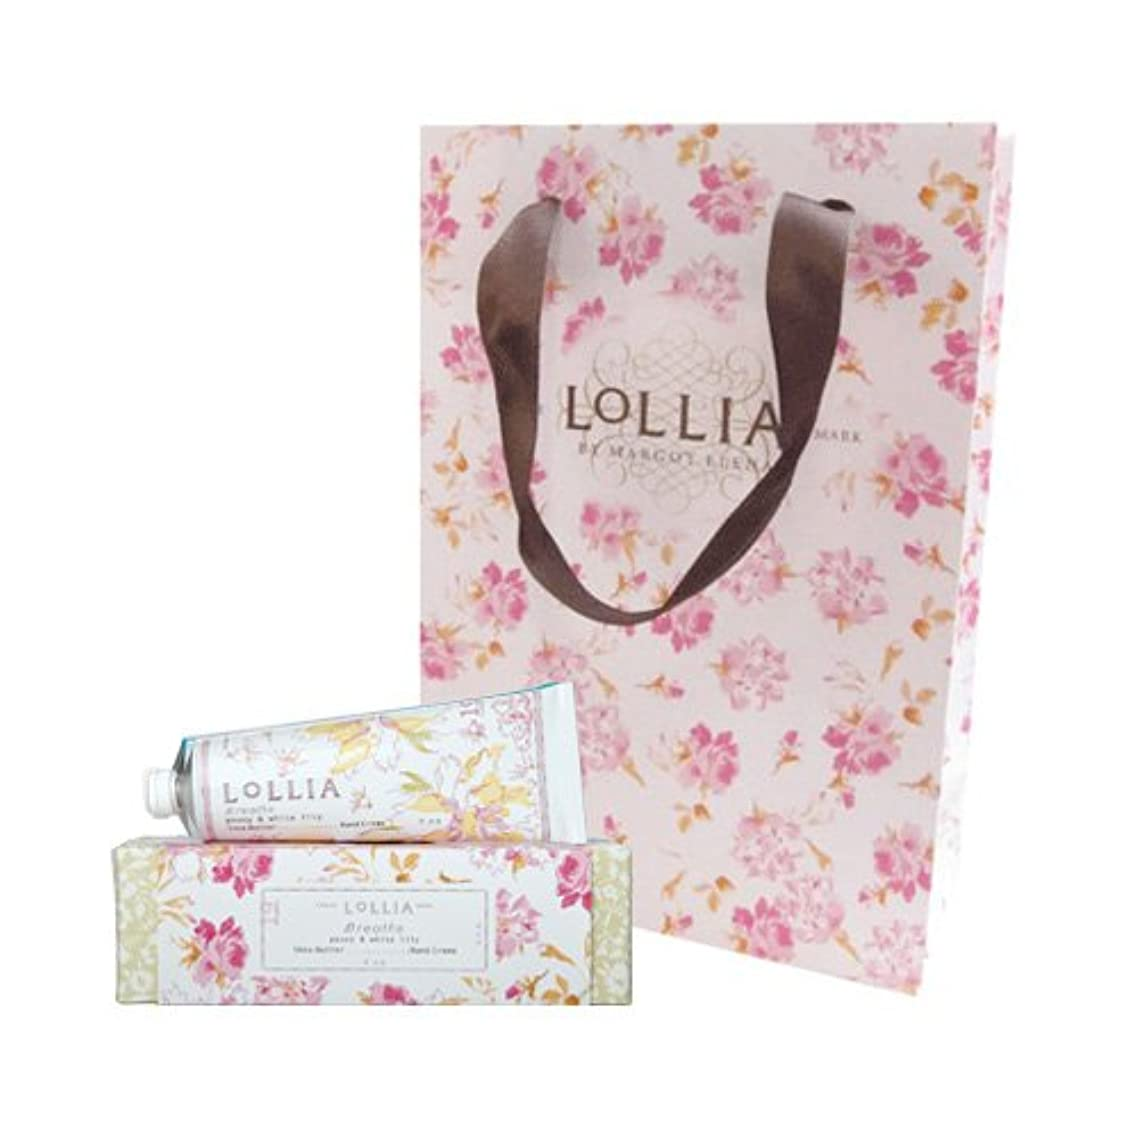 のスコア将来の不良ロリア(LoLLIA) ハンドクリーム Breath 35g (ピオニーとホワイトリリーの甘くさわやかな香り) ショッパー付